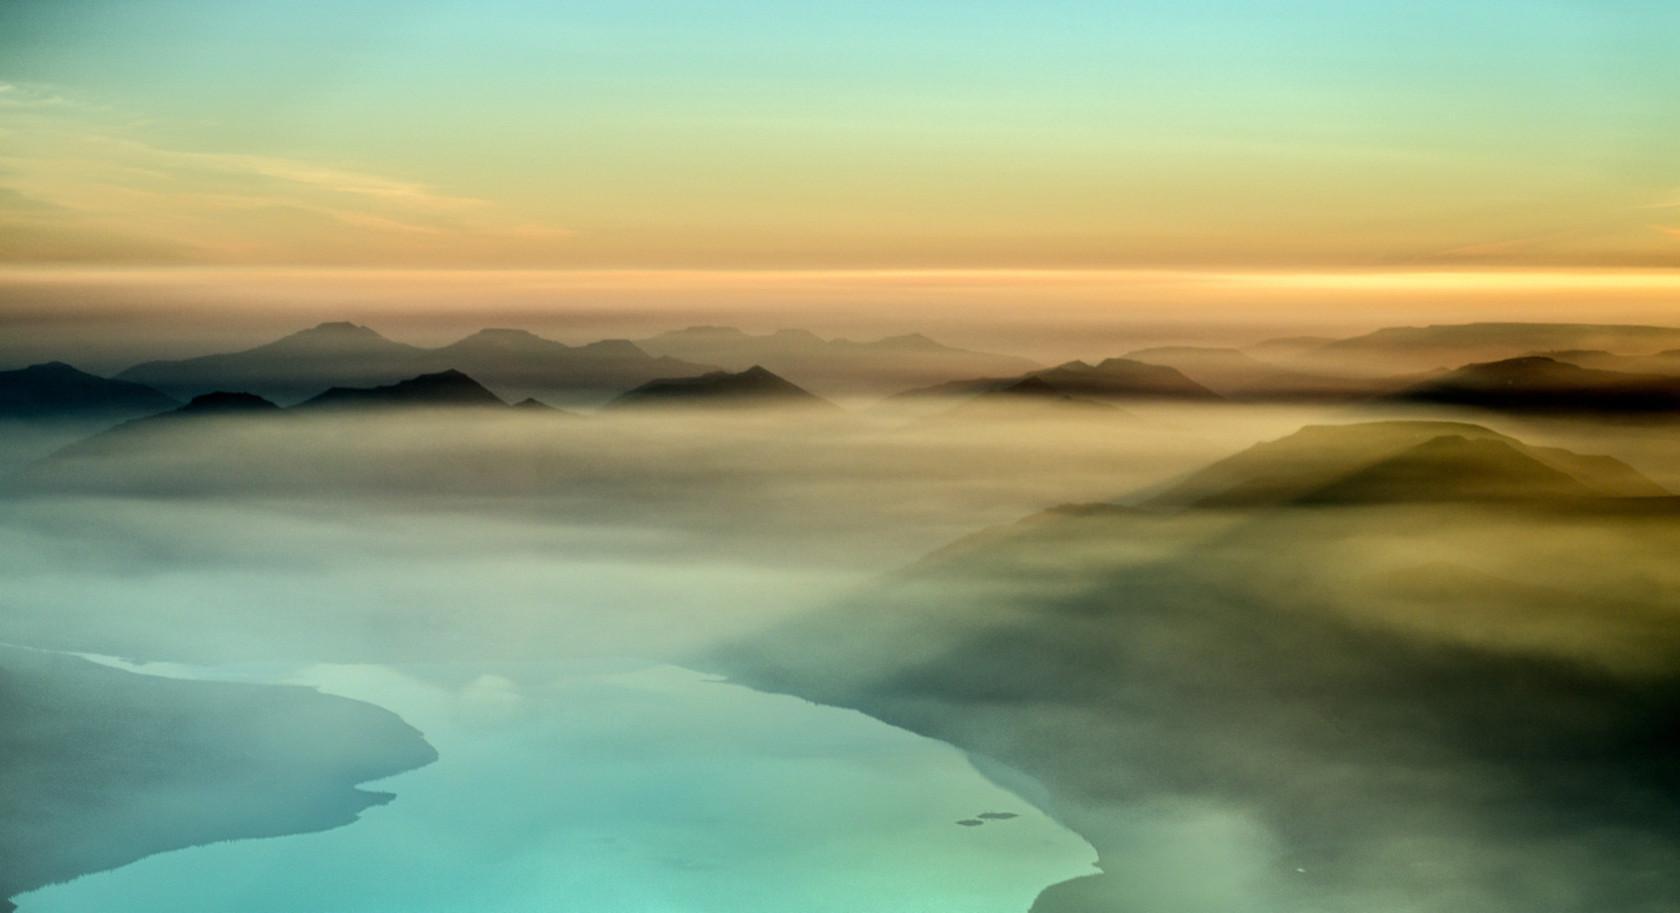 Аян озеро в России, на плато Путорана